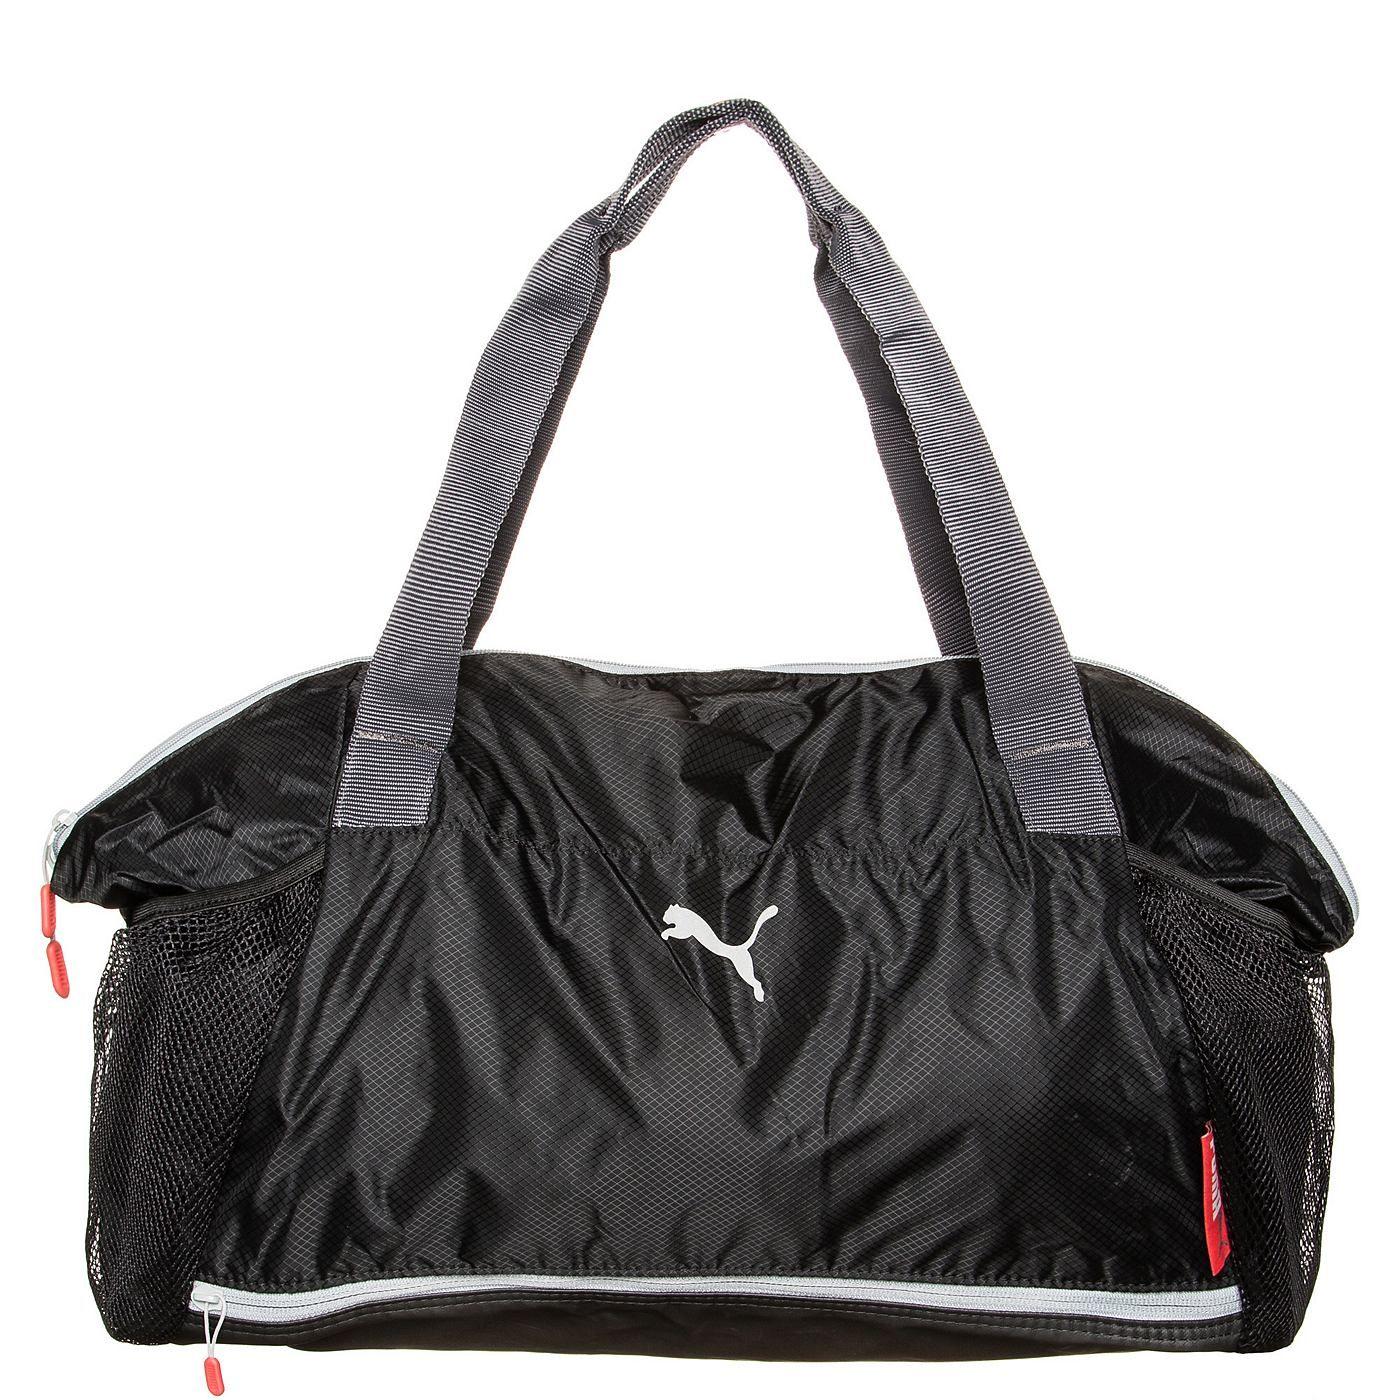 Athletic Workout Sporttasche Damen    Diese feminine Sporttasche überzeugt mit edler Optik sowie exzellenten Verstaumöglichkeiten. Sie eignet sich ideal für dein Training.    Das Hauptfach mit Zwei-Wege-Reißverschluss bietet genügend Stauraum für dein Equipment oder deine Klamotten. Die zwei großen Mesh-Steckfächer vorne können ideal für Flaschen oder Sonstiges genutzt werden. Das große Schuhfa...